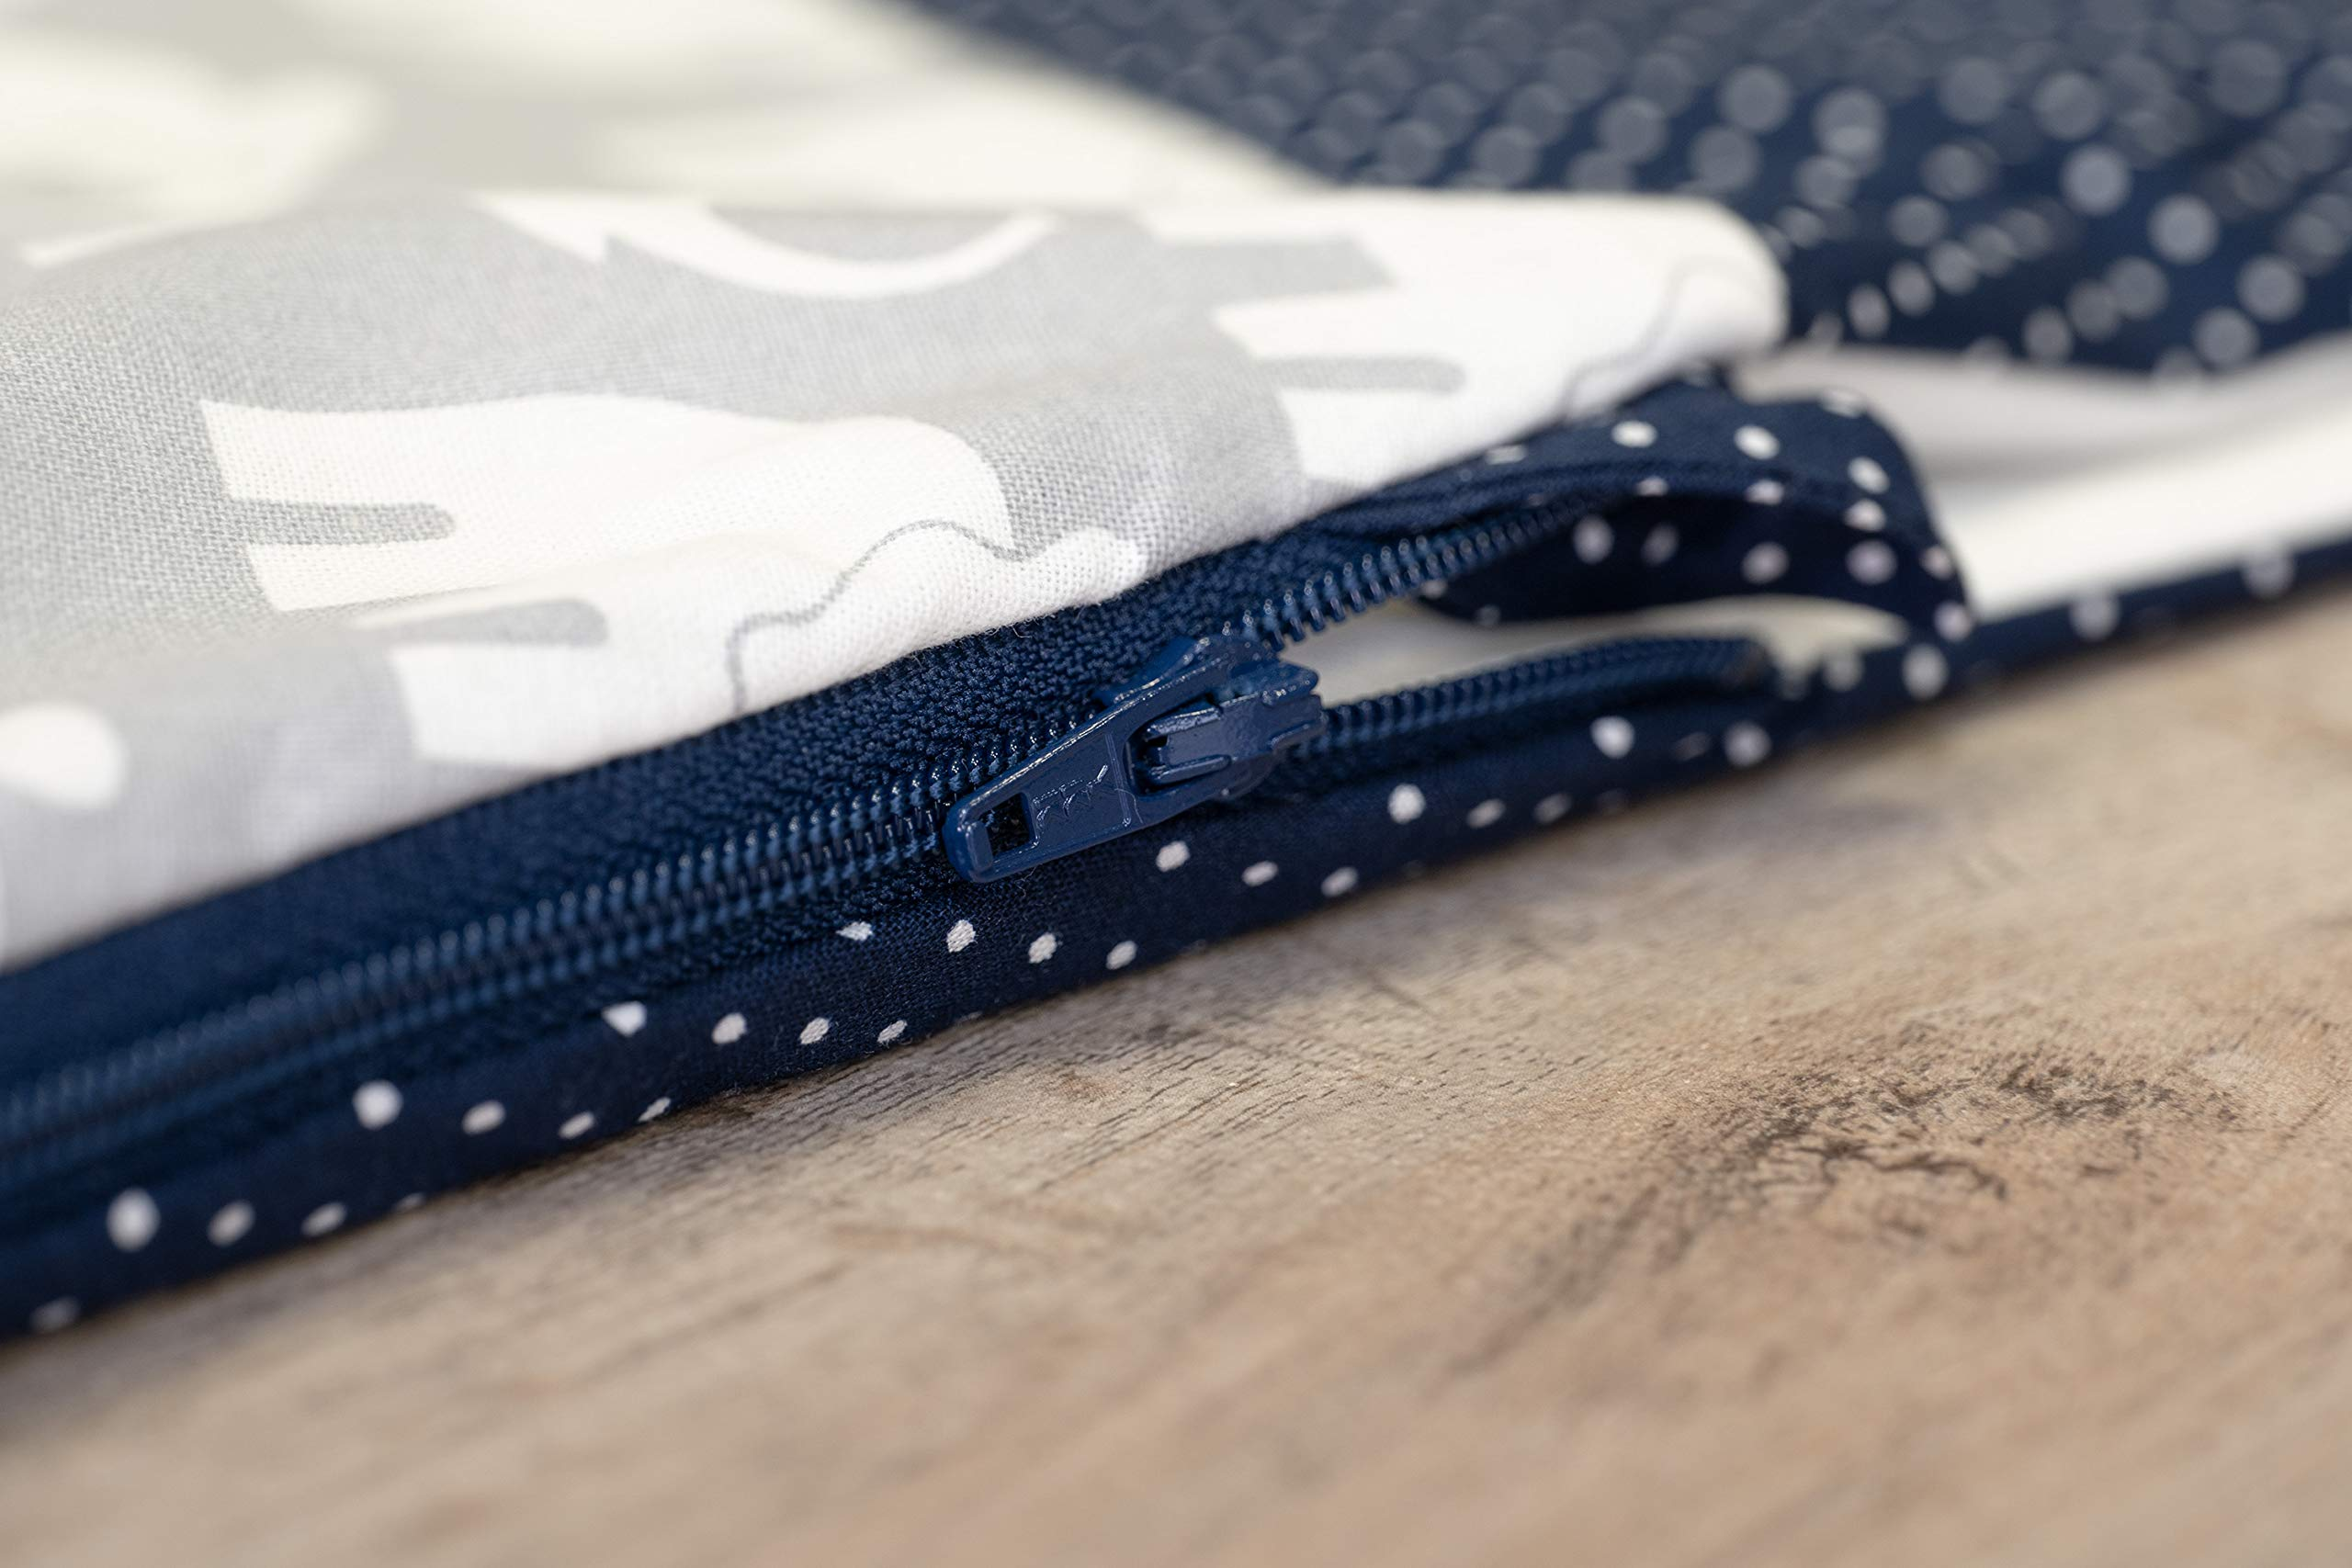 190x38 cm, Inlett: WEICHE FASERB/ÄLLCHEN, Lagerungskissen, Schwangerschaftskissen, Seitenschl/äferkissen ULLENBOOM /® Stillkissen Blau Hellblau Grau